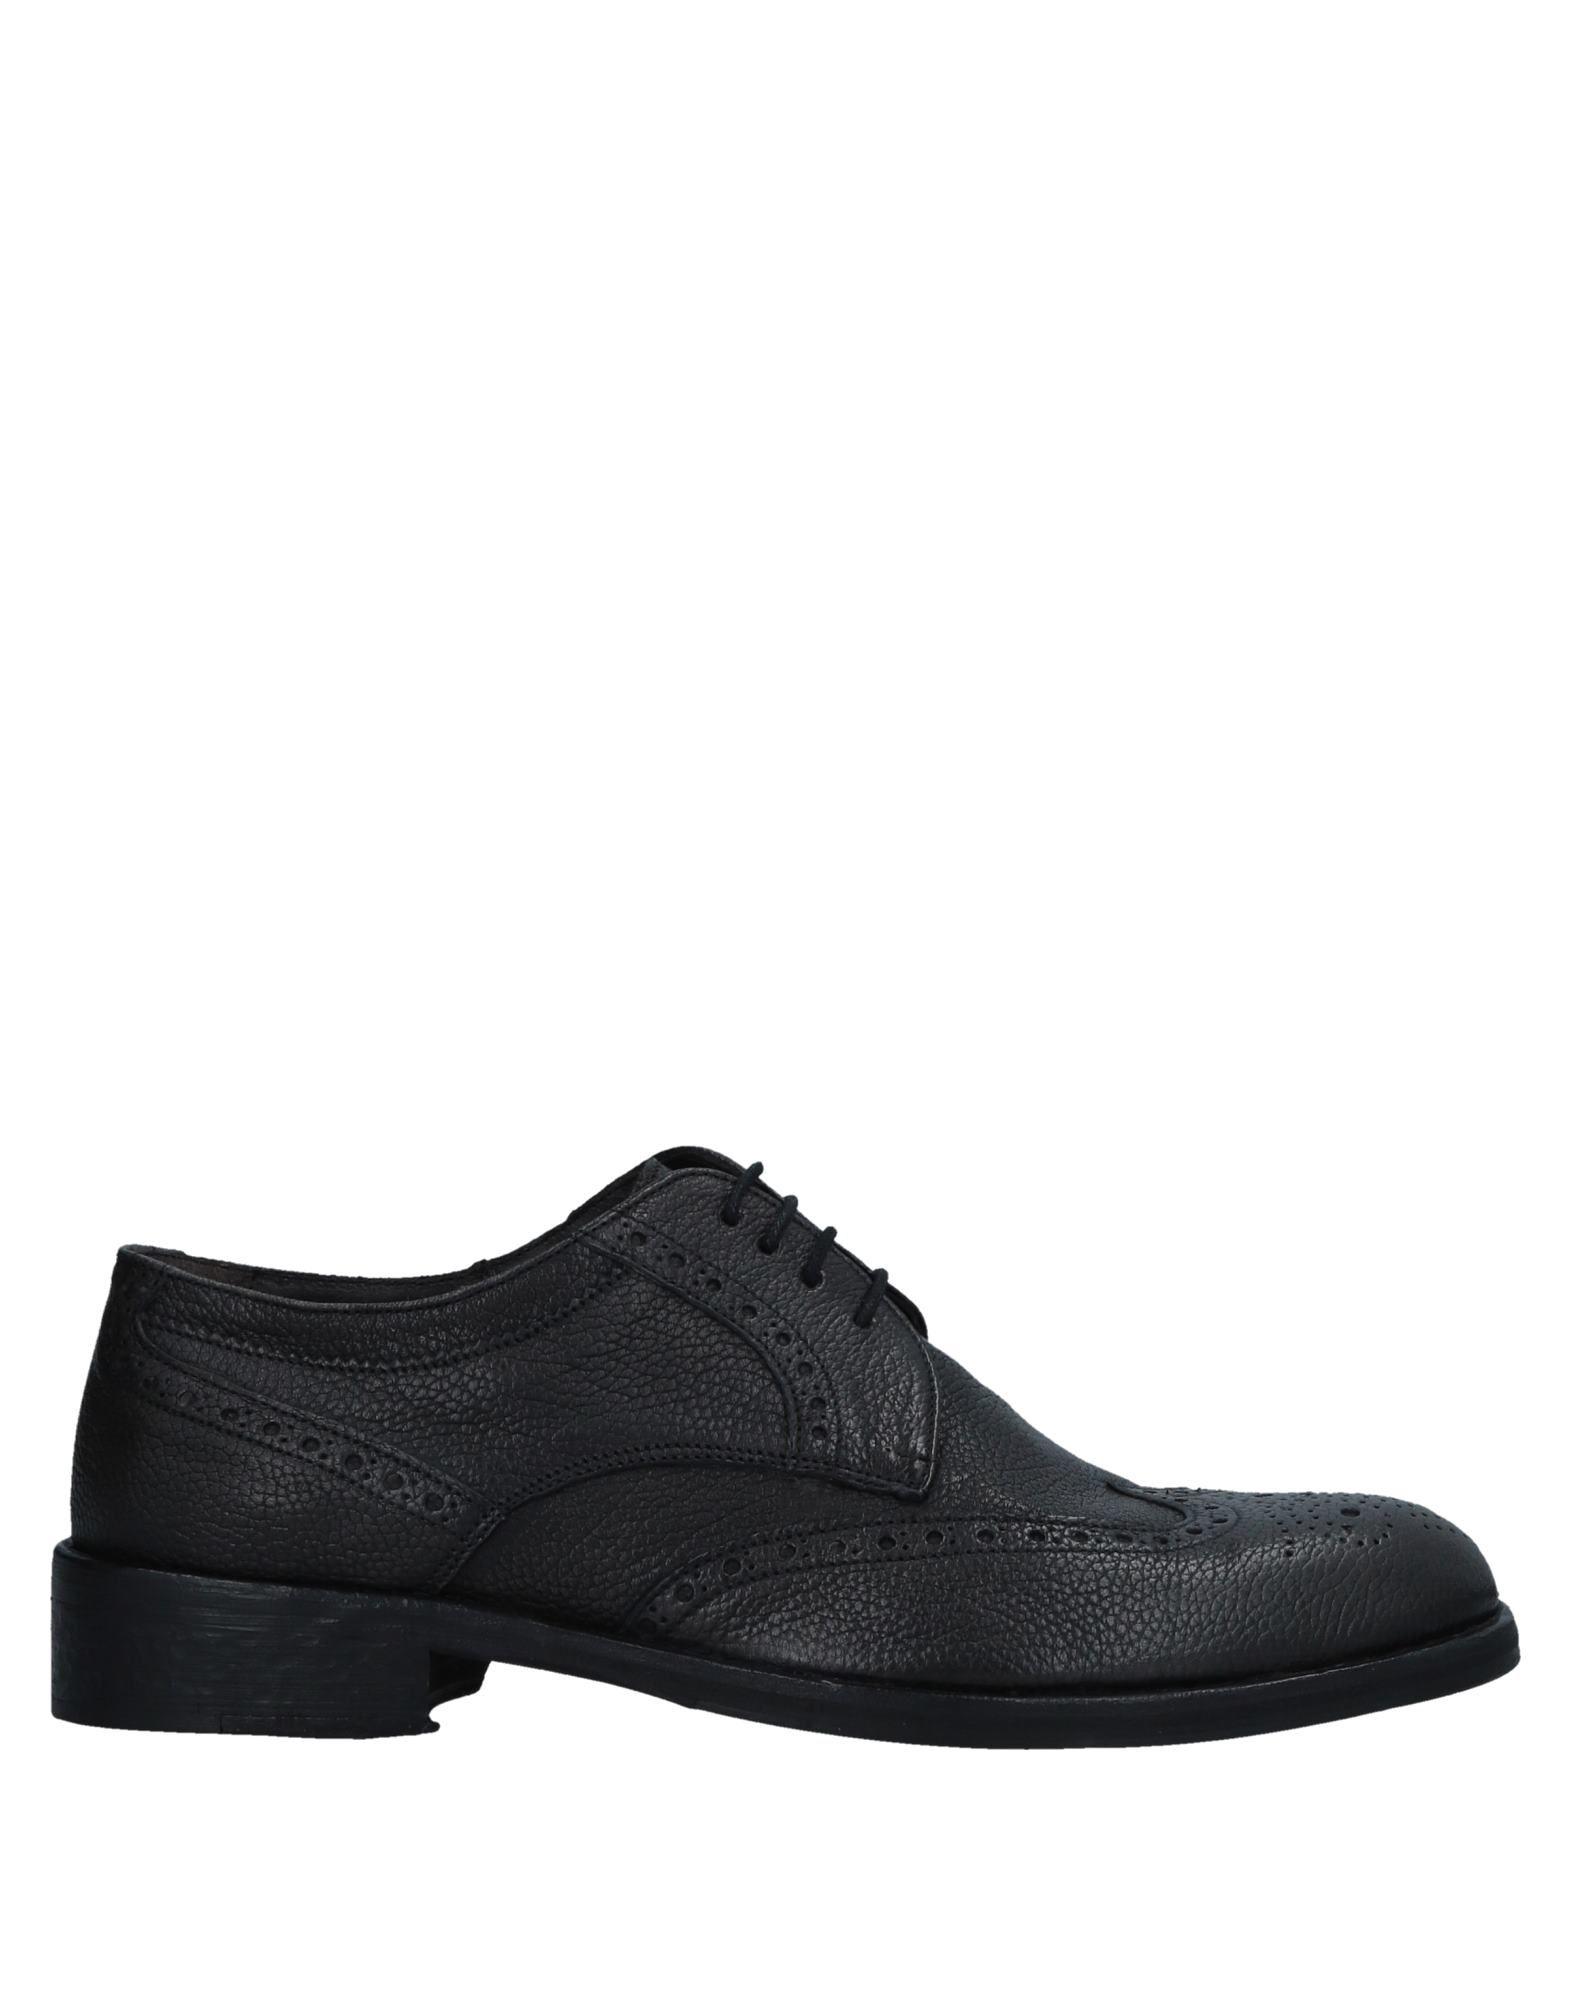 Haltbare Mode billige Schuhe Brawn's Schnürschuhe Herren  11527345WK Heiße Schuhe